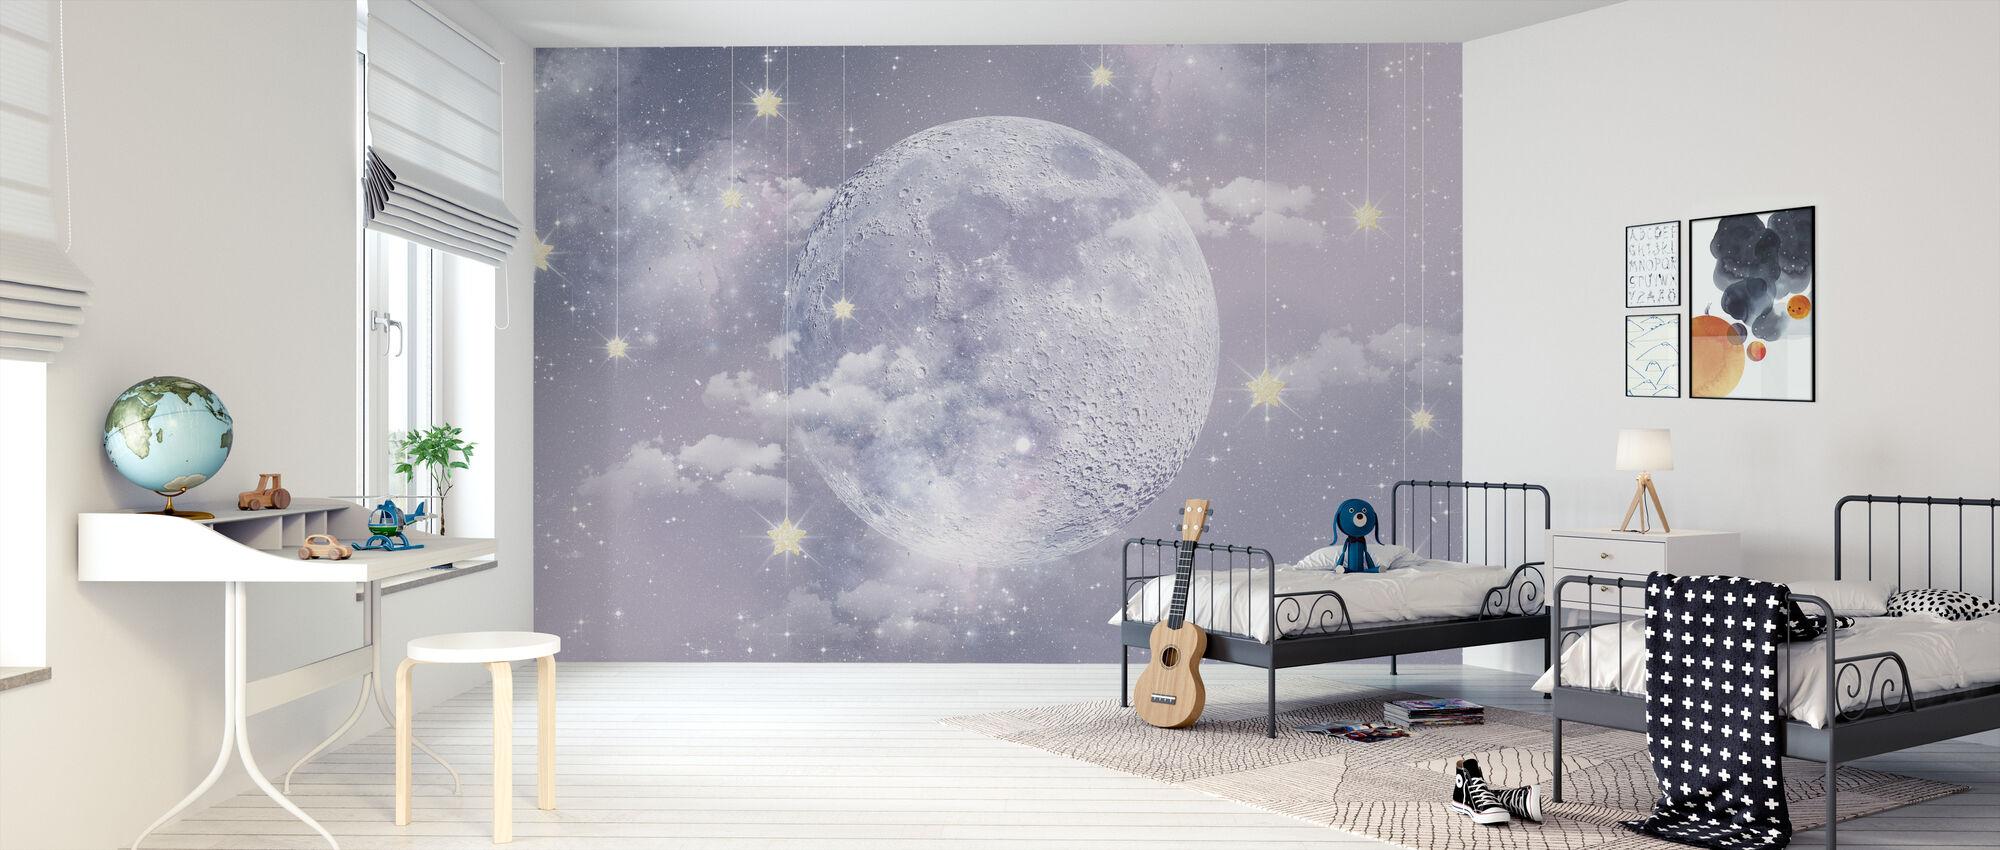 Maan met sterren - Behang - Kinderkamer